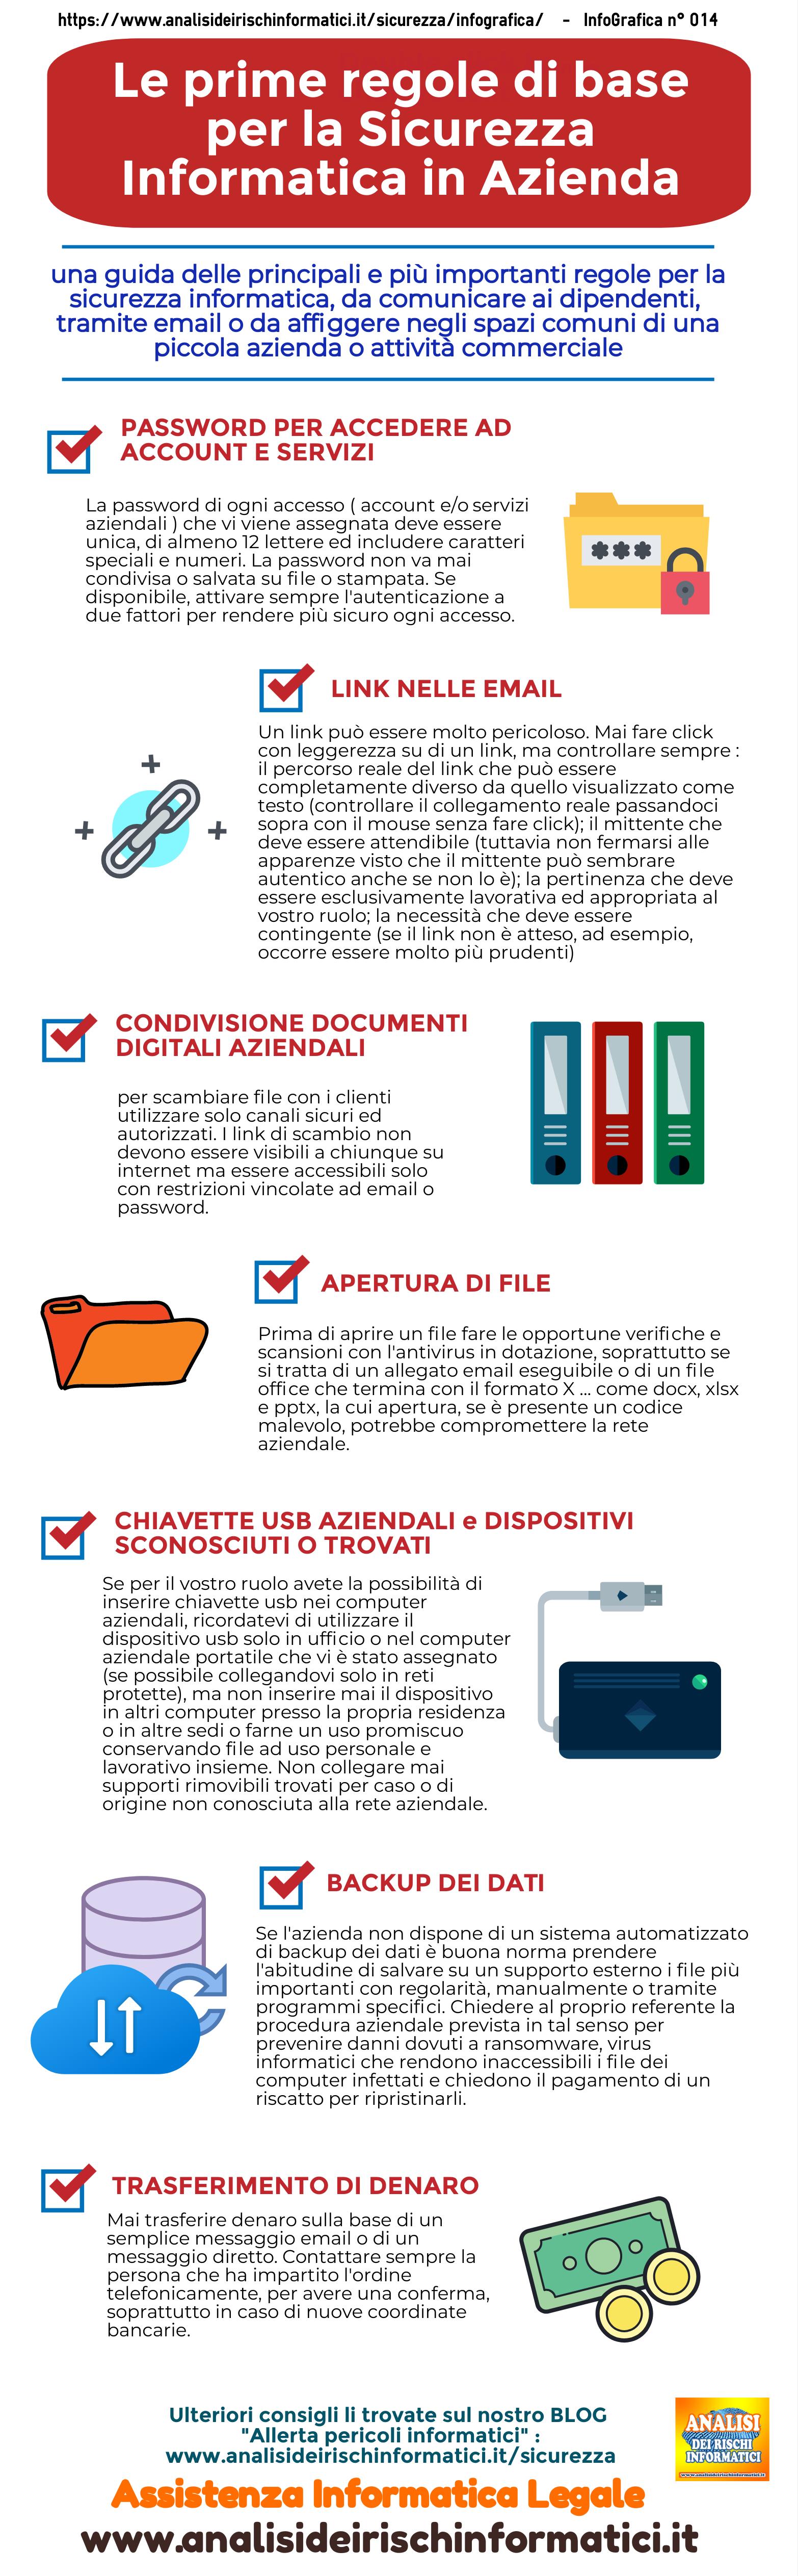 le prime regole di base per la sicurezza informatica in azienda